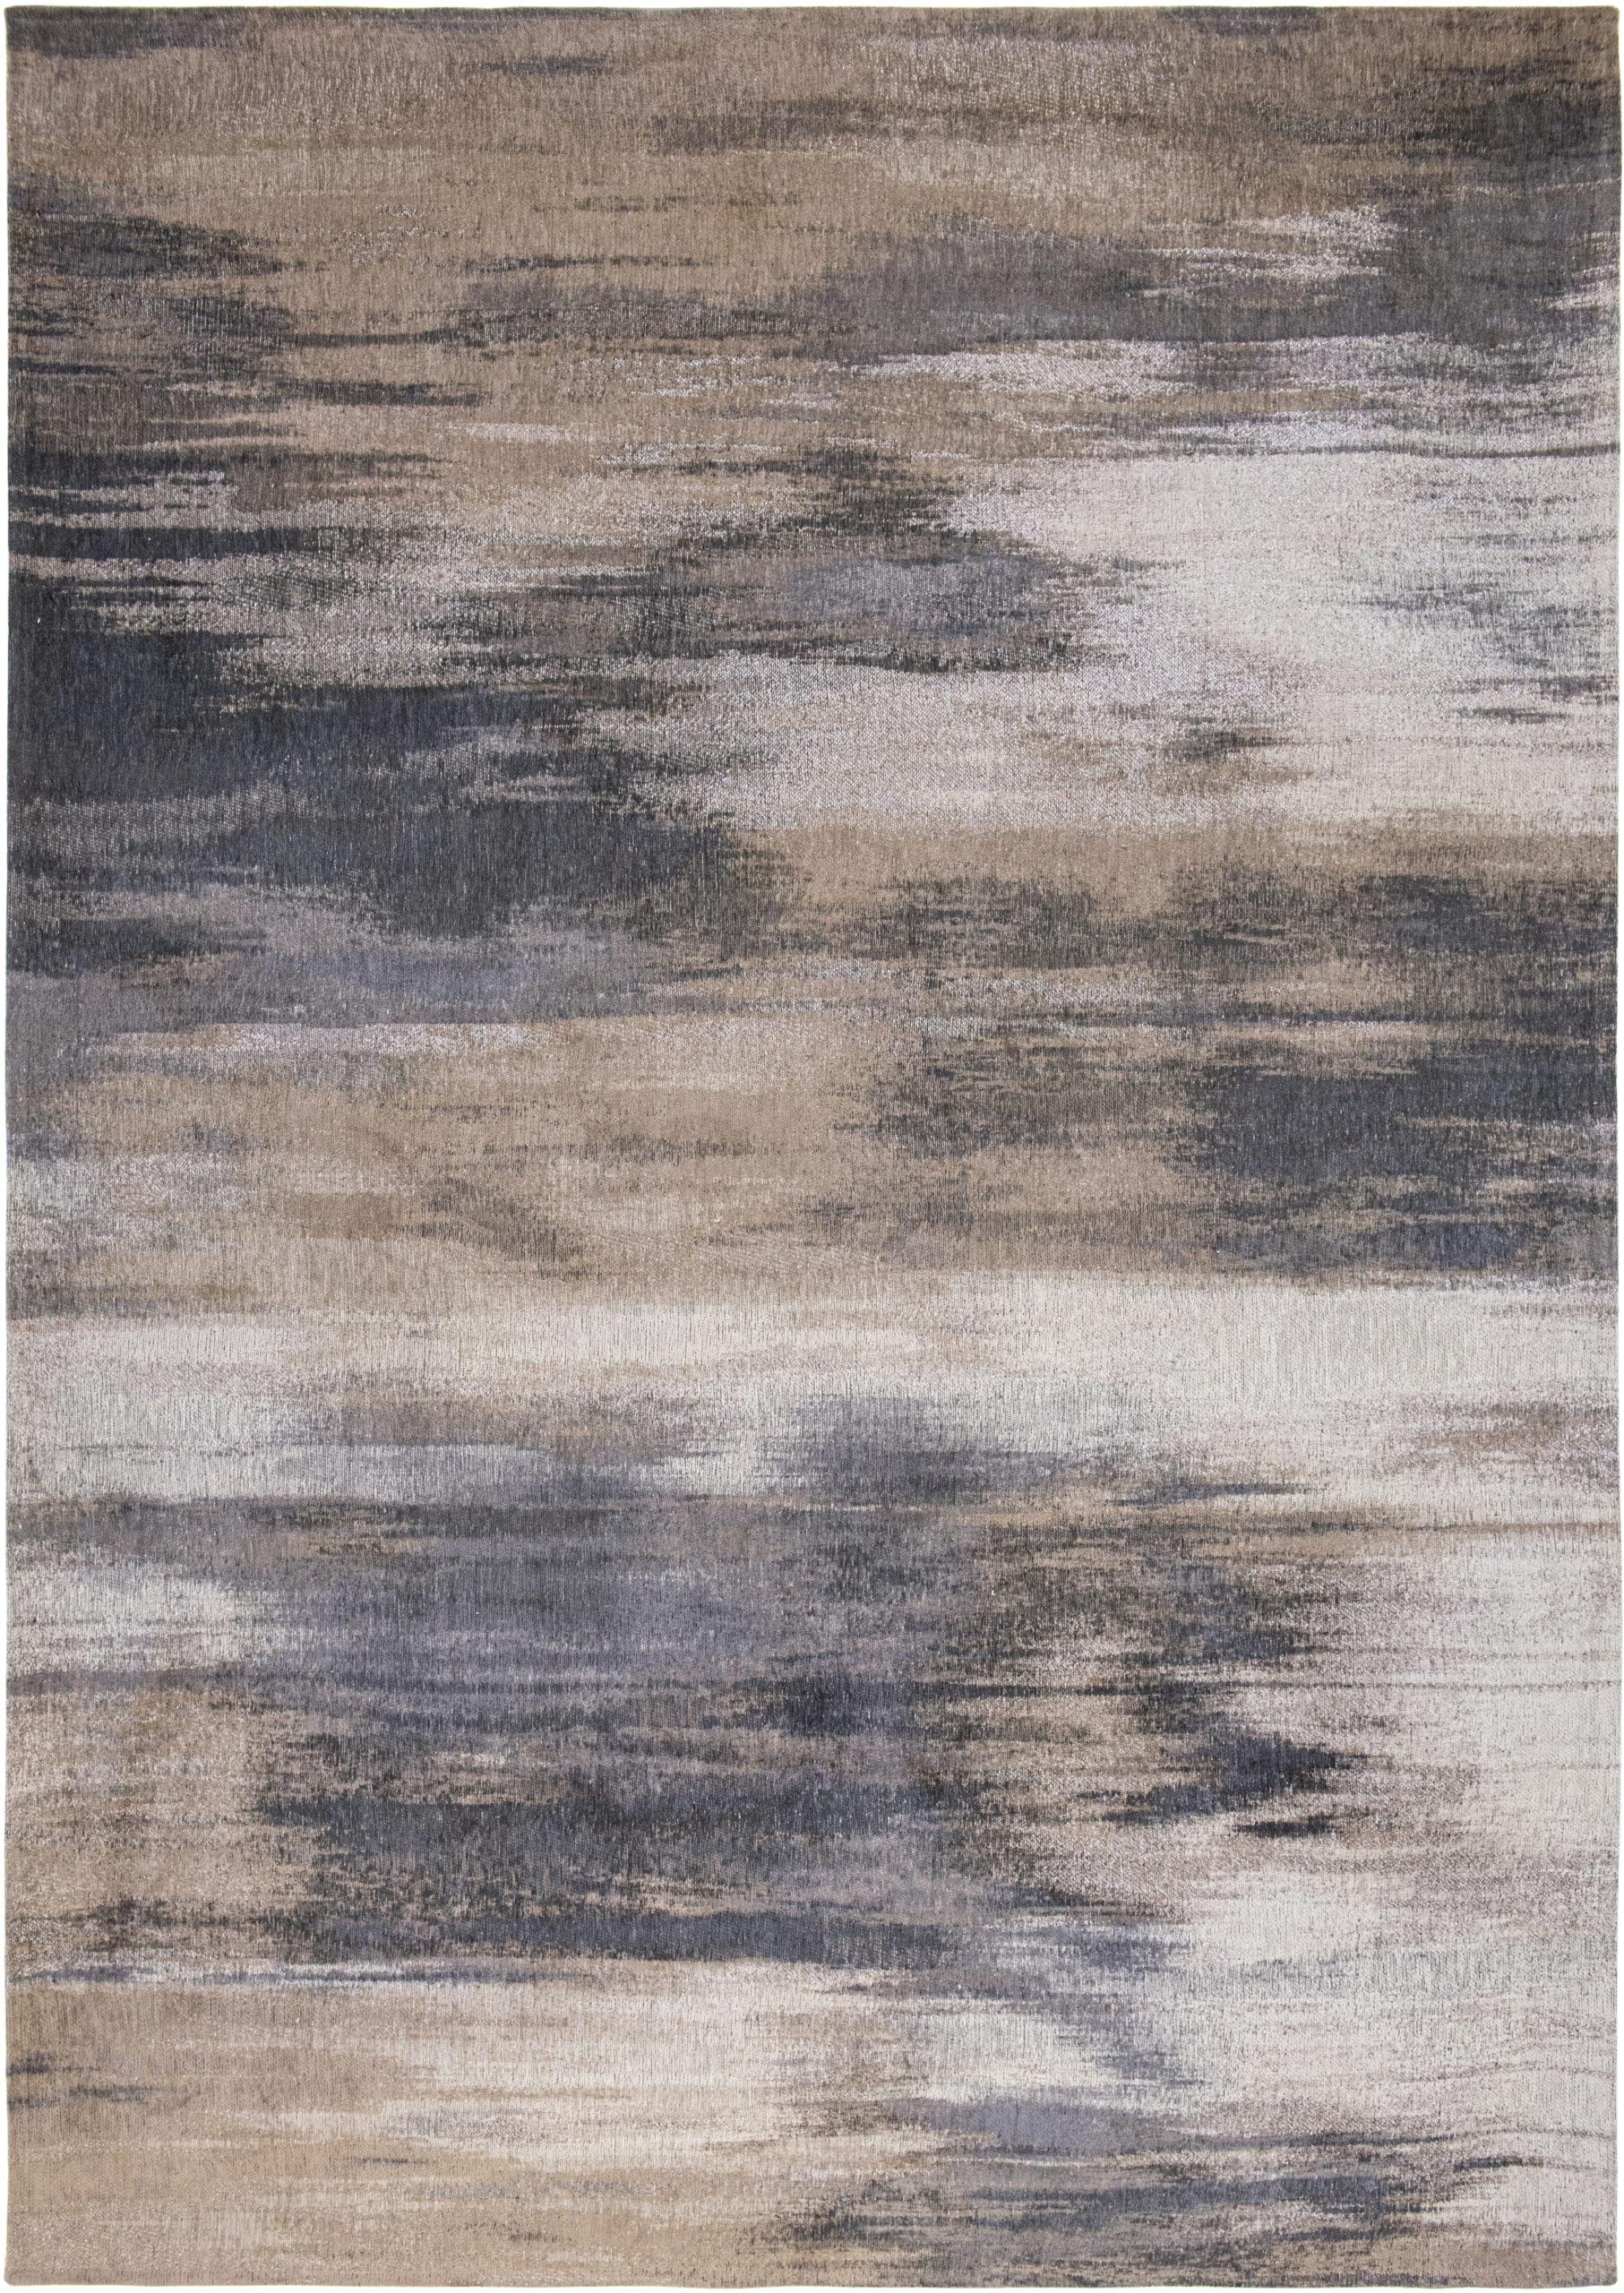 Szaro Beżowy dywan nowoczesny - GIVERNY BEIGE 9121 - Rozmiar: 140x200 cm